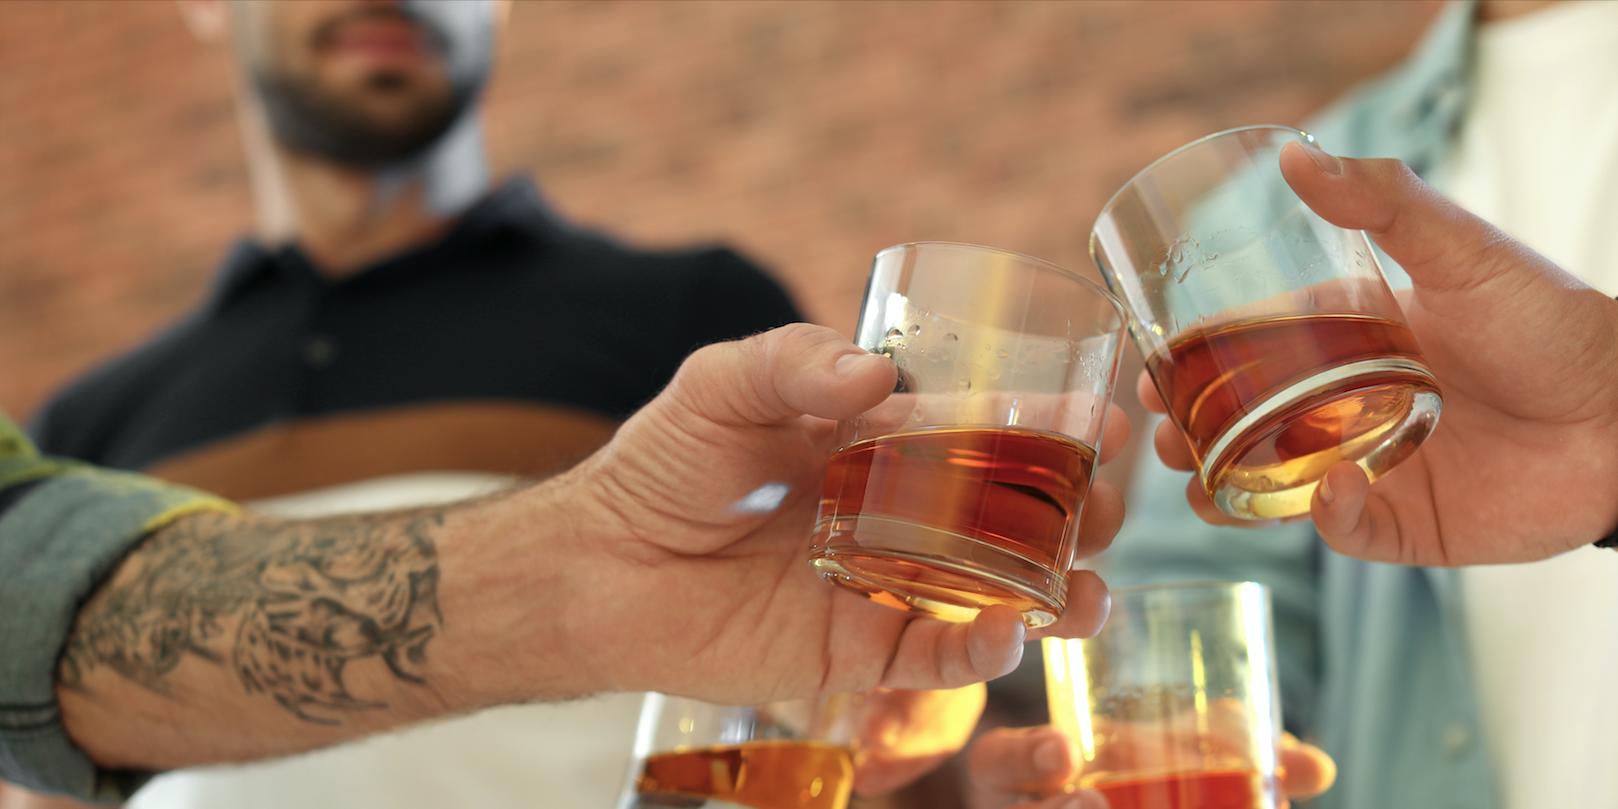 In koude landen drinken ze meer alcohol